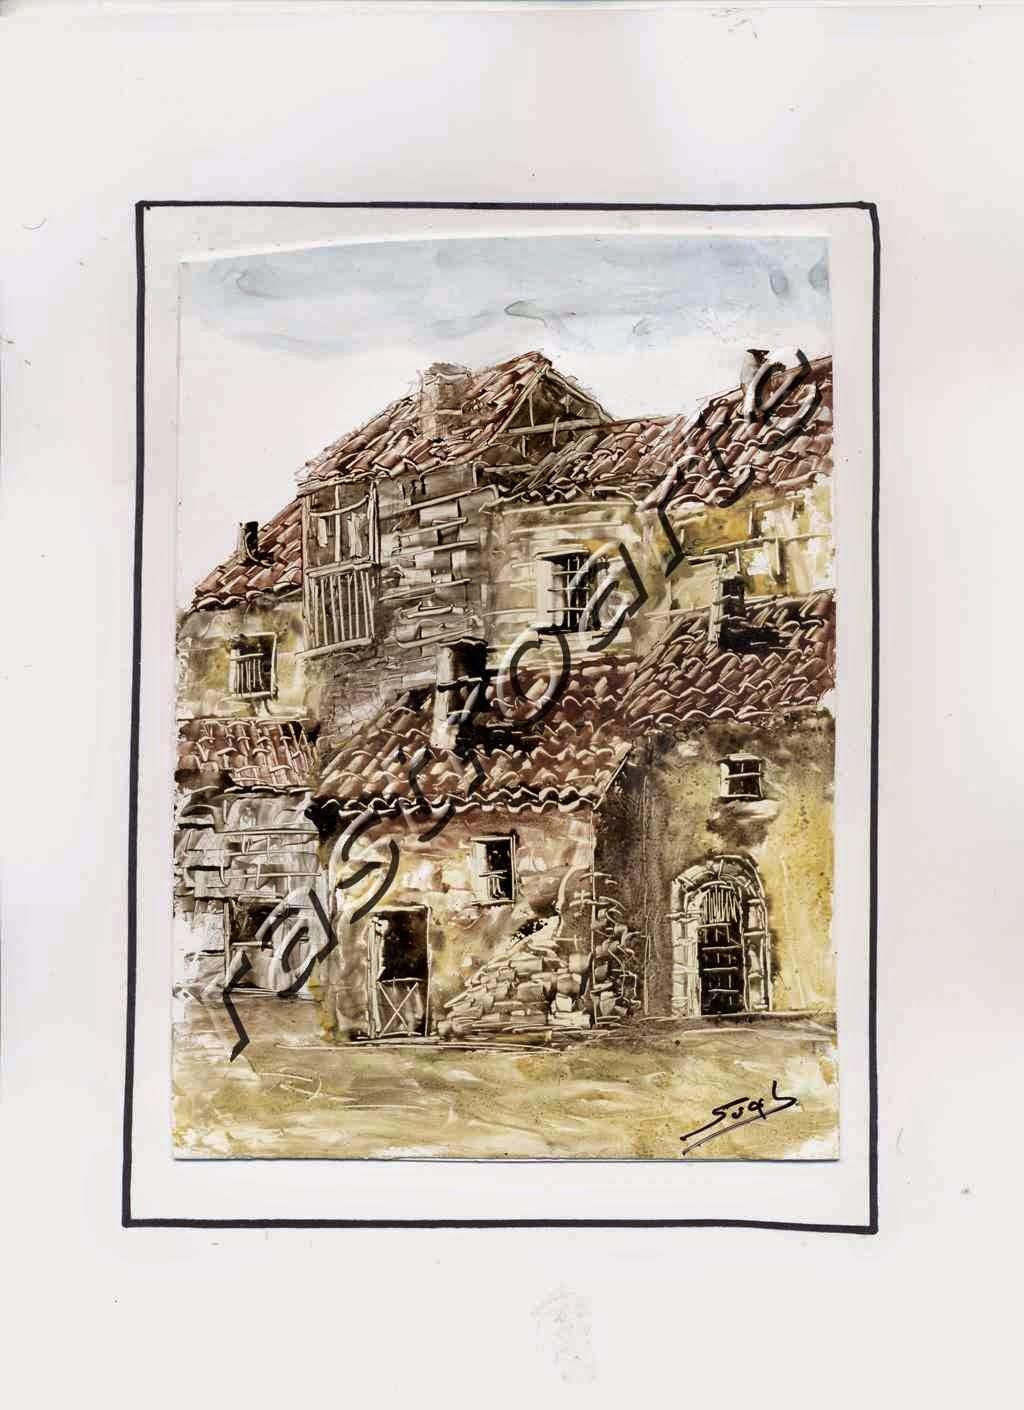 Estampa rural recogida en un apunte de Francisco Suela en la localidad segoviana de Villar de Sobrepeña